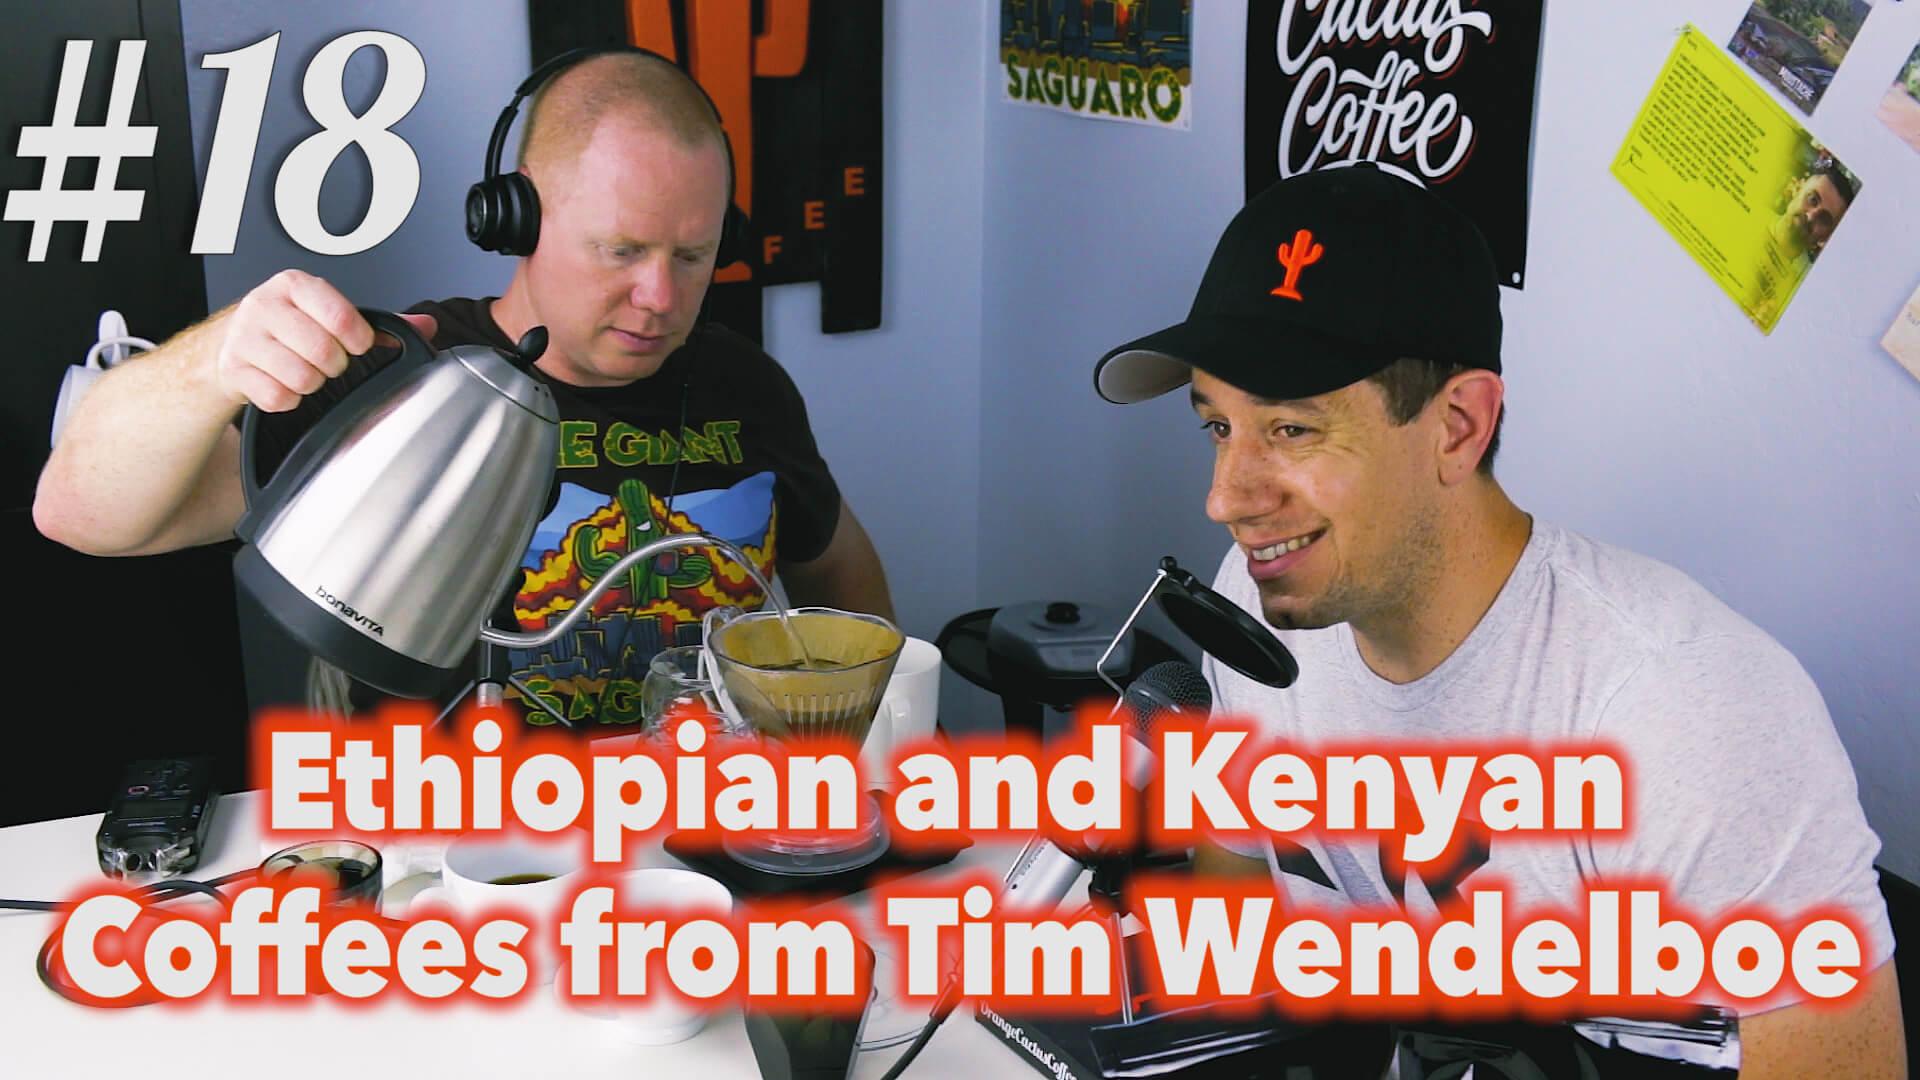 tim wendelboe – KC Coffee Geek